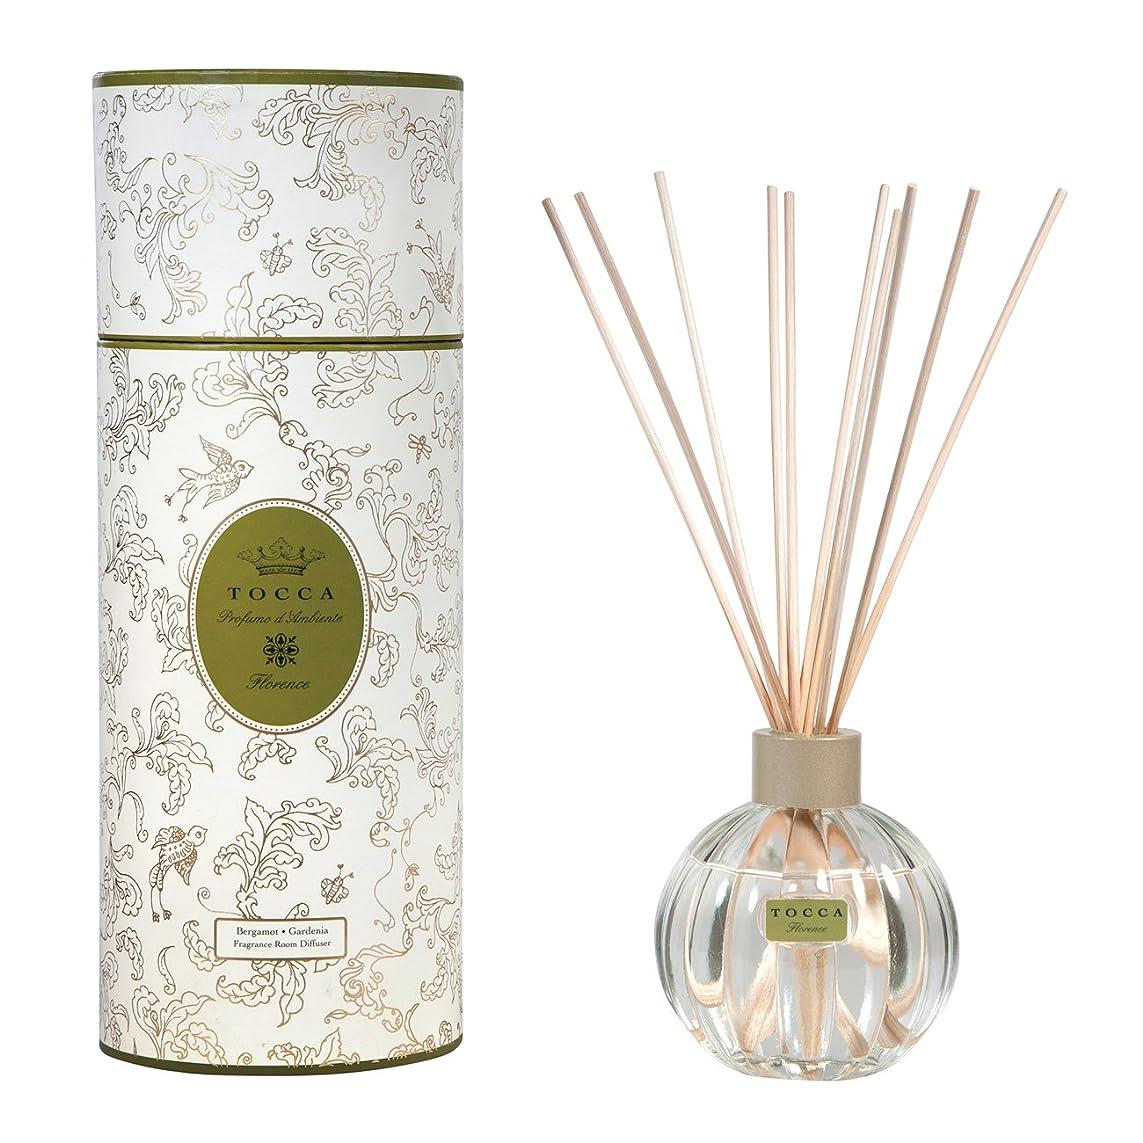 週間学生選出するトッカ(TOCCA) リードディフューザー フローレンスの香り 175ml 3~4ヶ月持続(芳香剤 ルームフレグランス ガーデニアとベルガモットが誘うように溶け合うどこまでも上品なフローラルの香り)